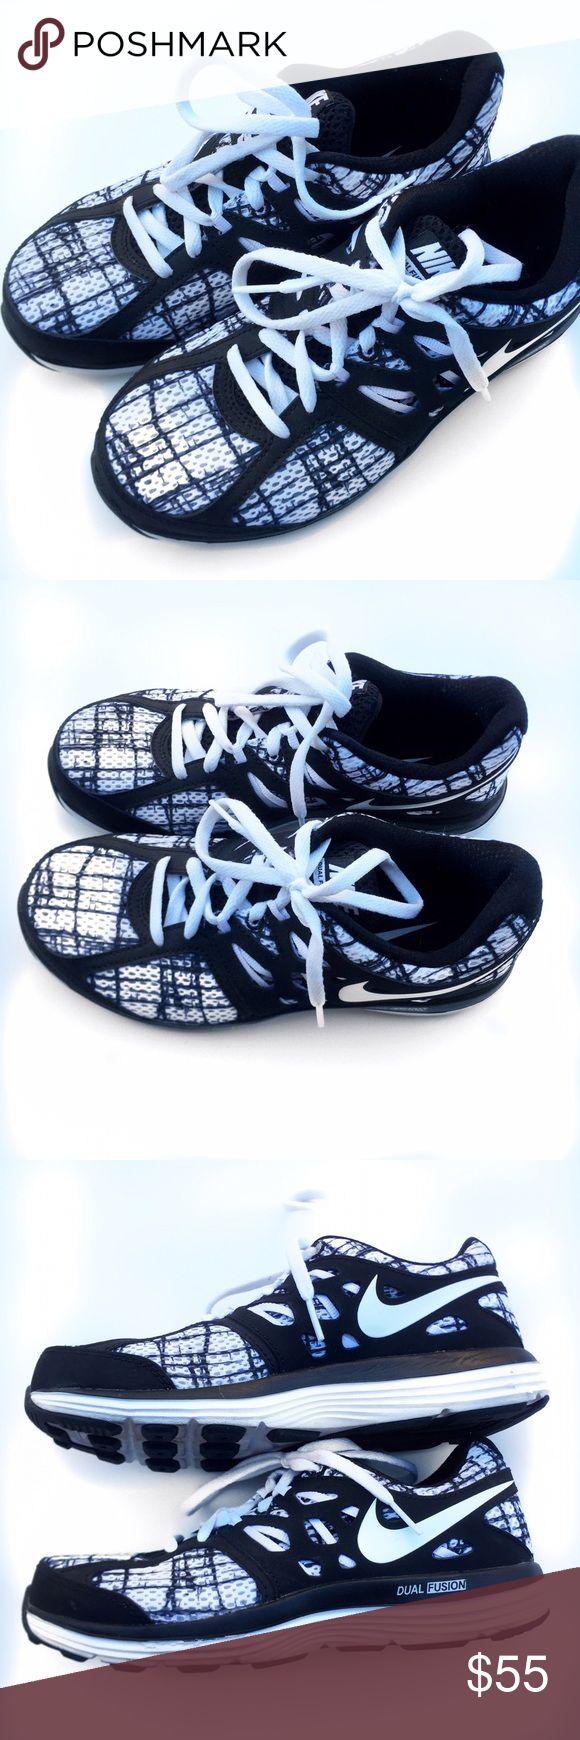 Nike Women's Shoes Nike Dual Fusion women's shoes only worn twice. Nike Shoes Sneakers